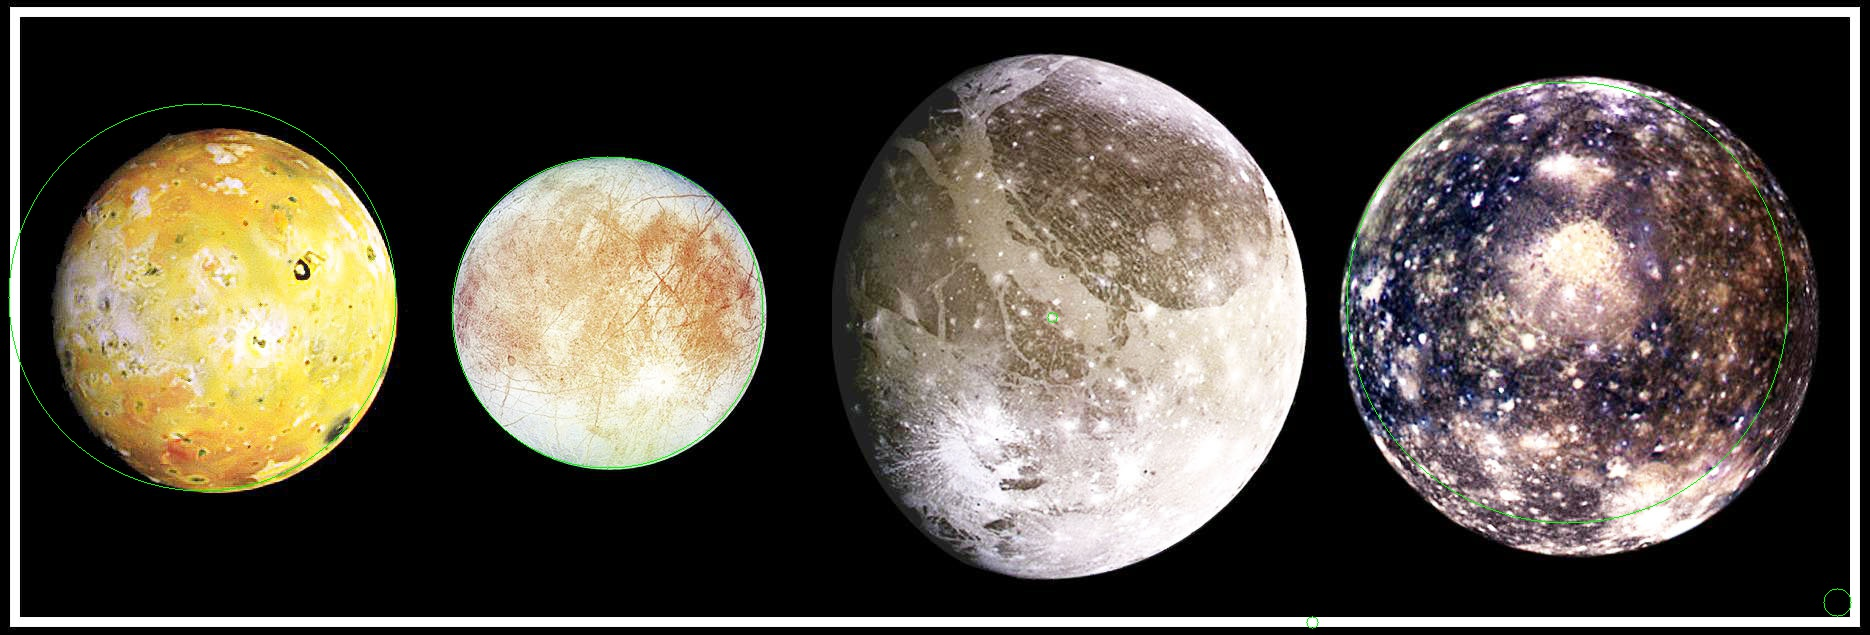 circled moons